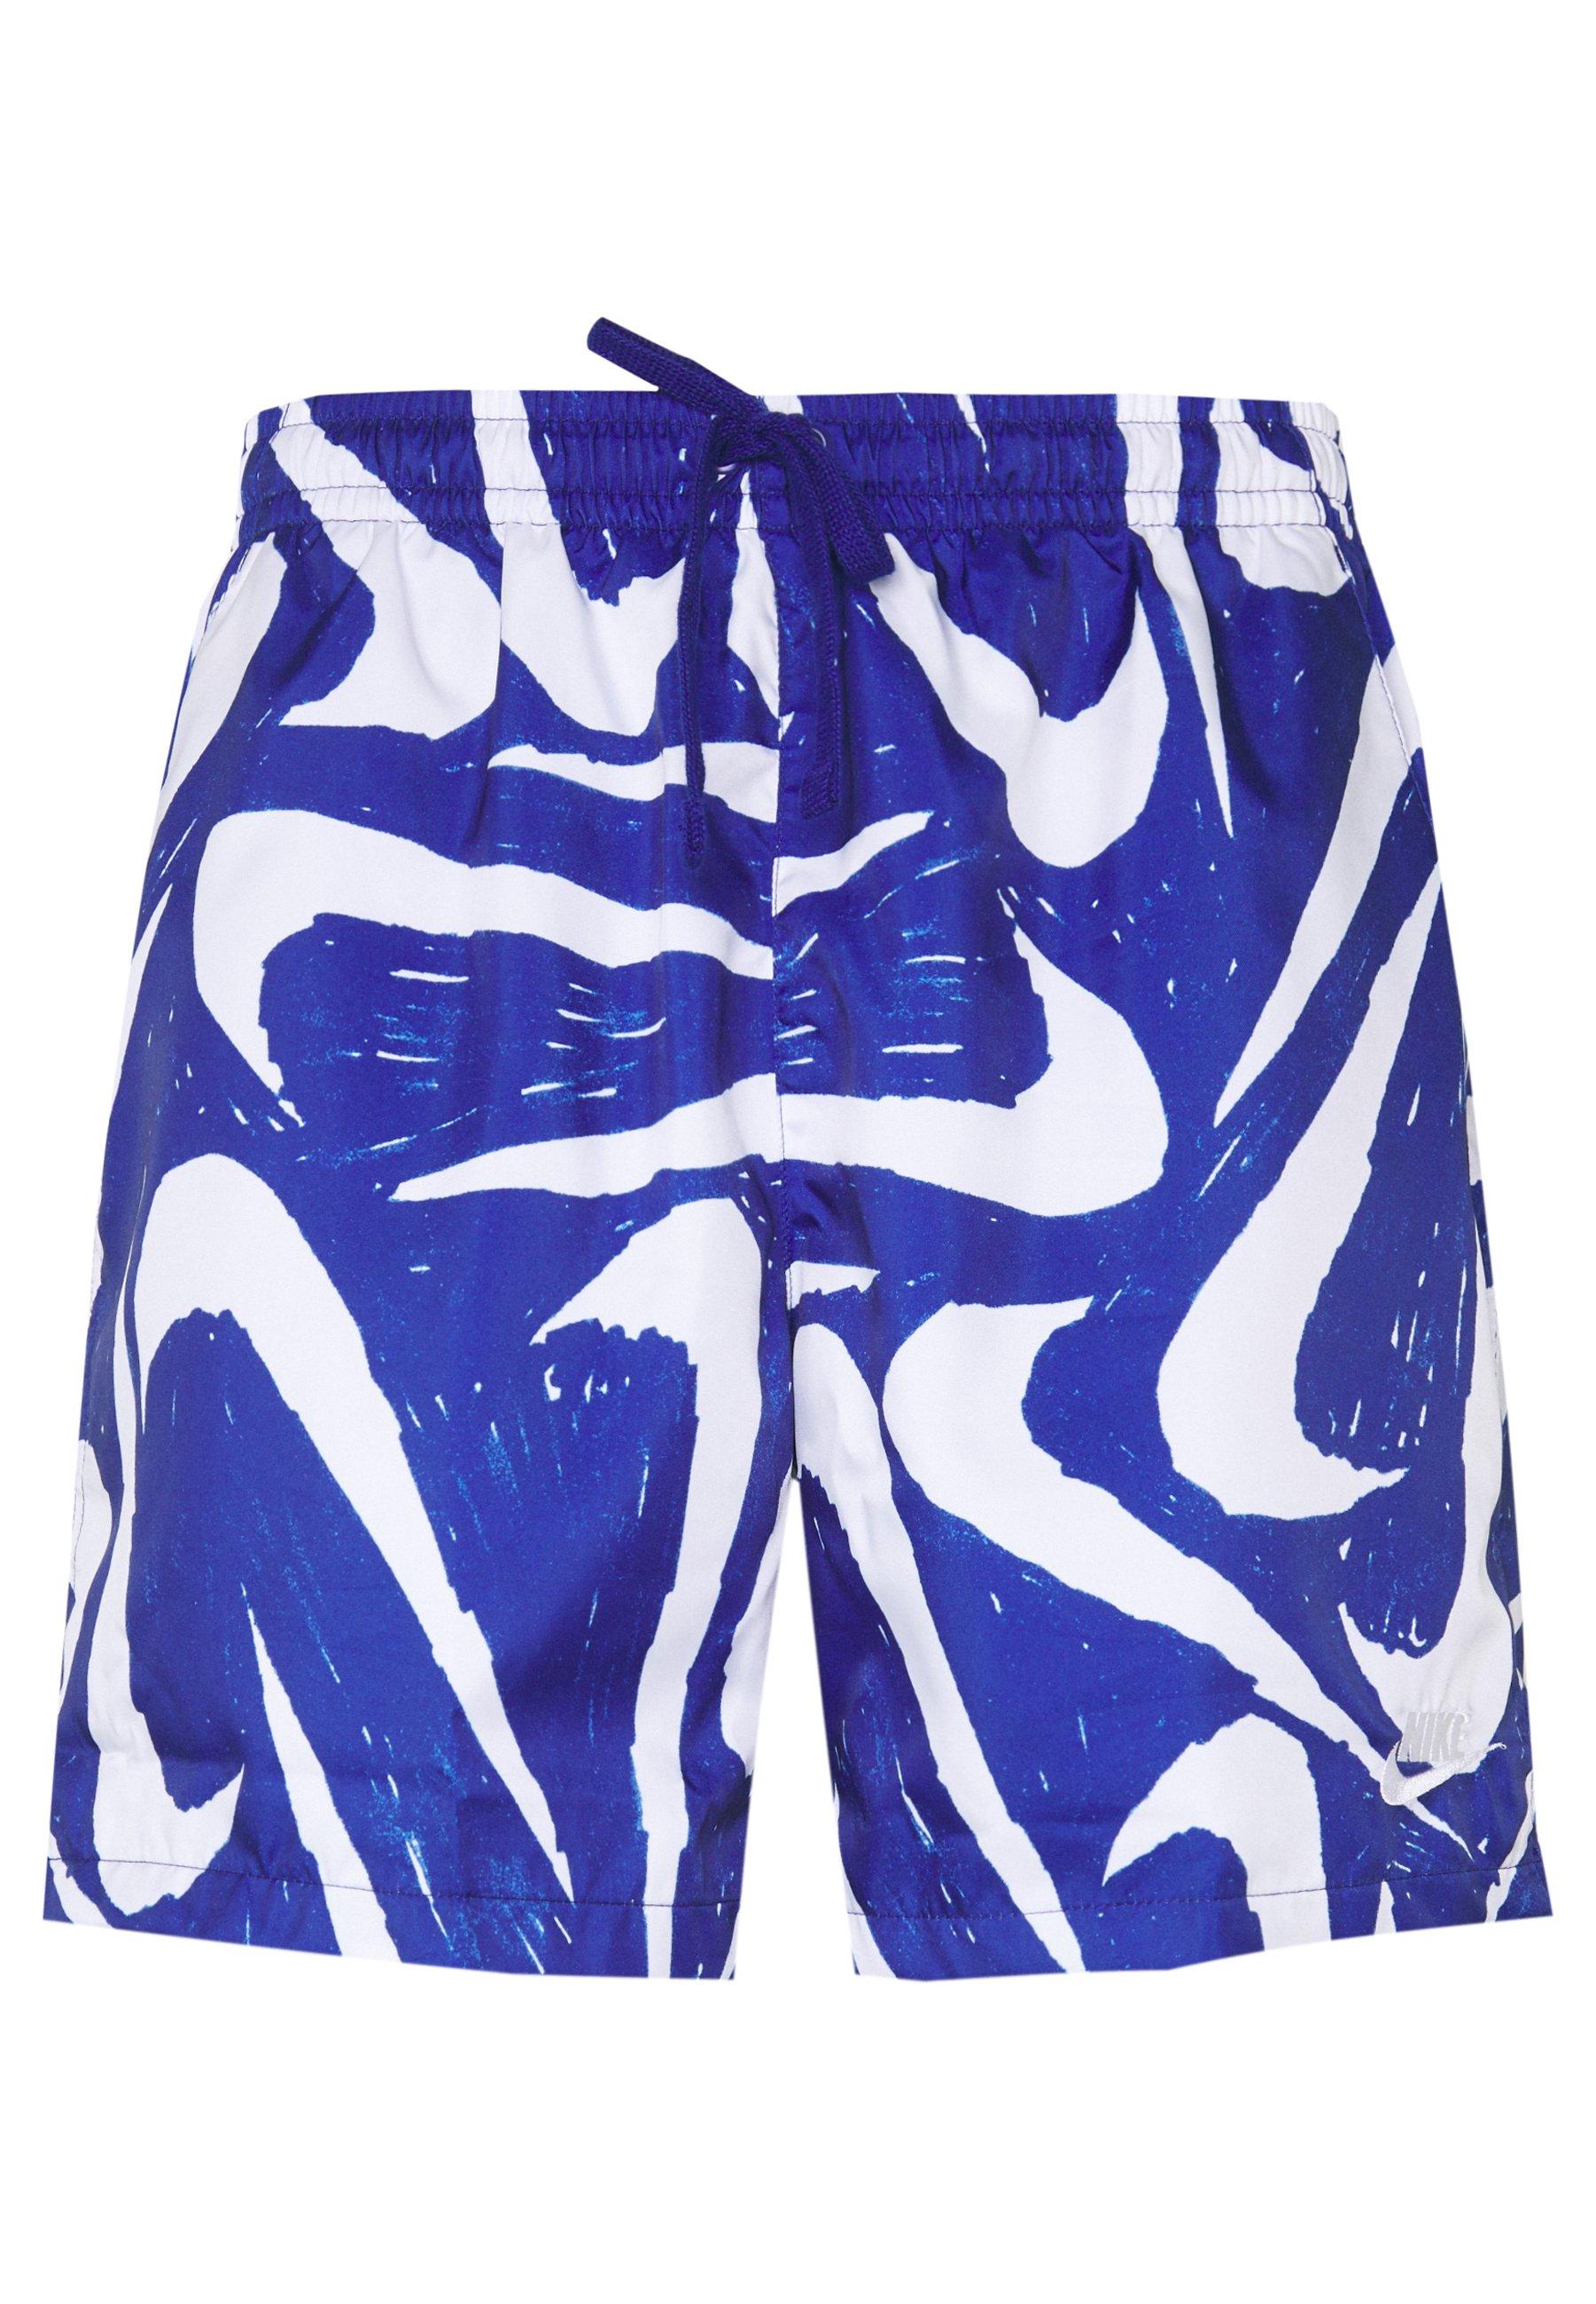 Nike Sportswear Flow - Shorts Deep Royal Blue/white